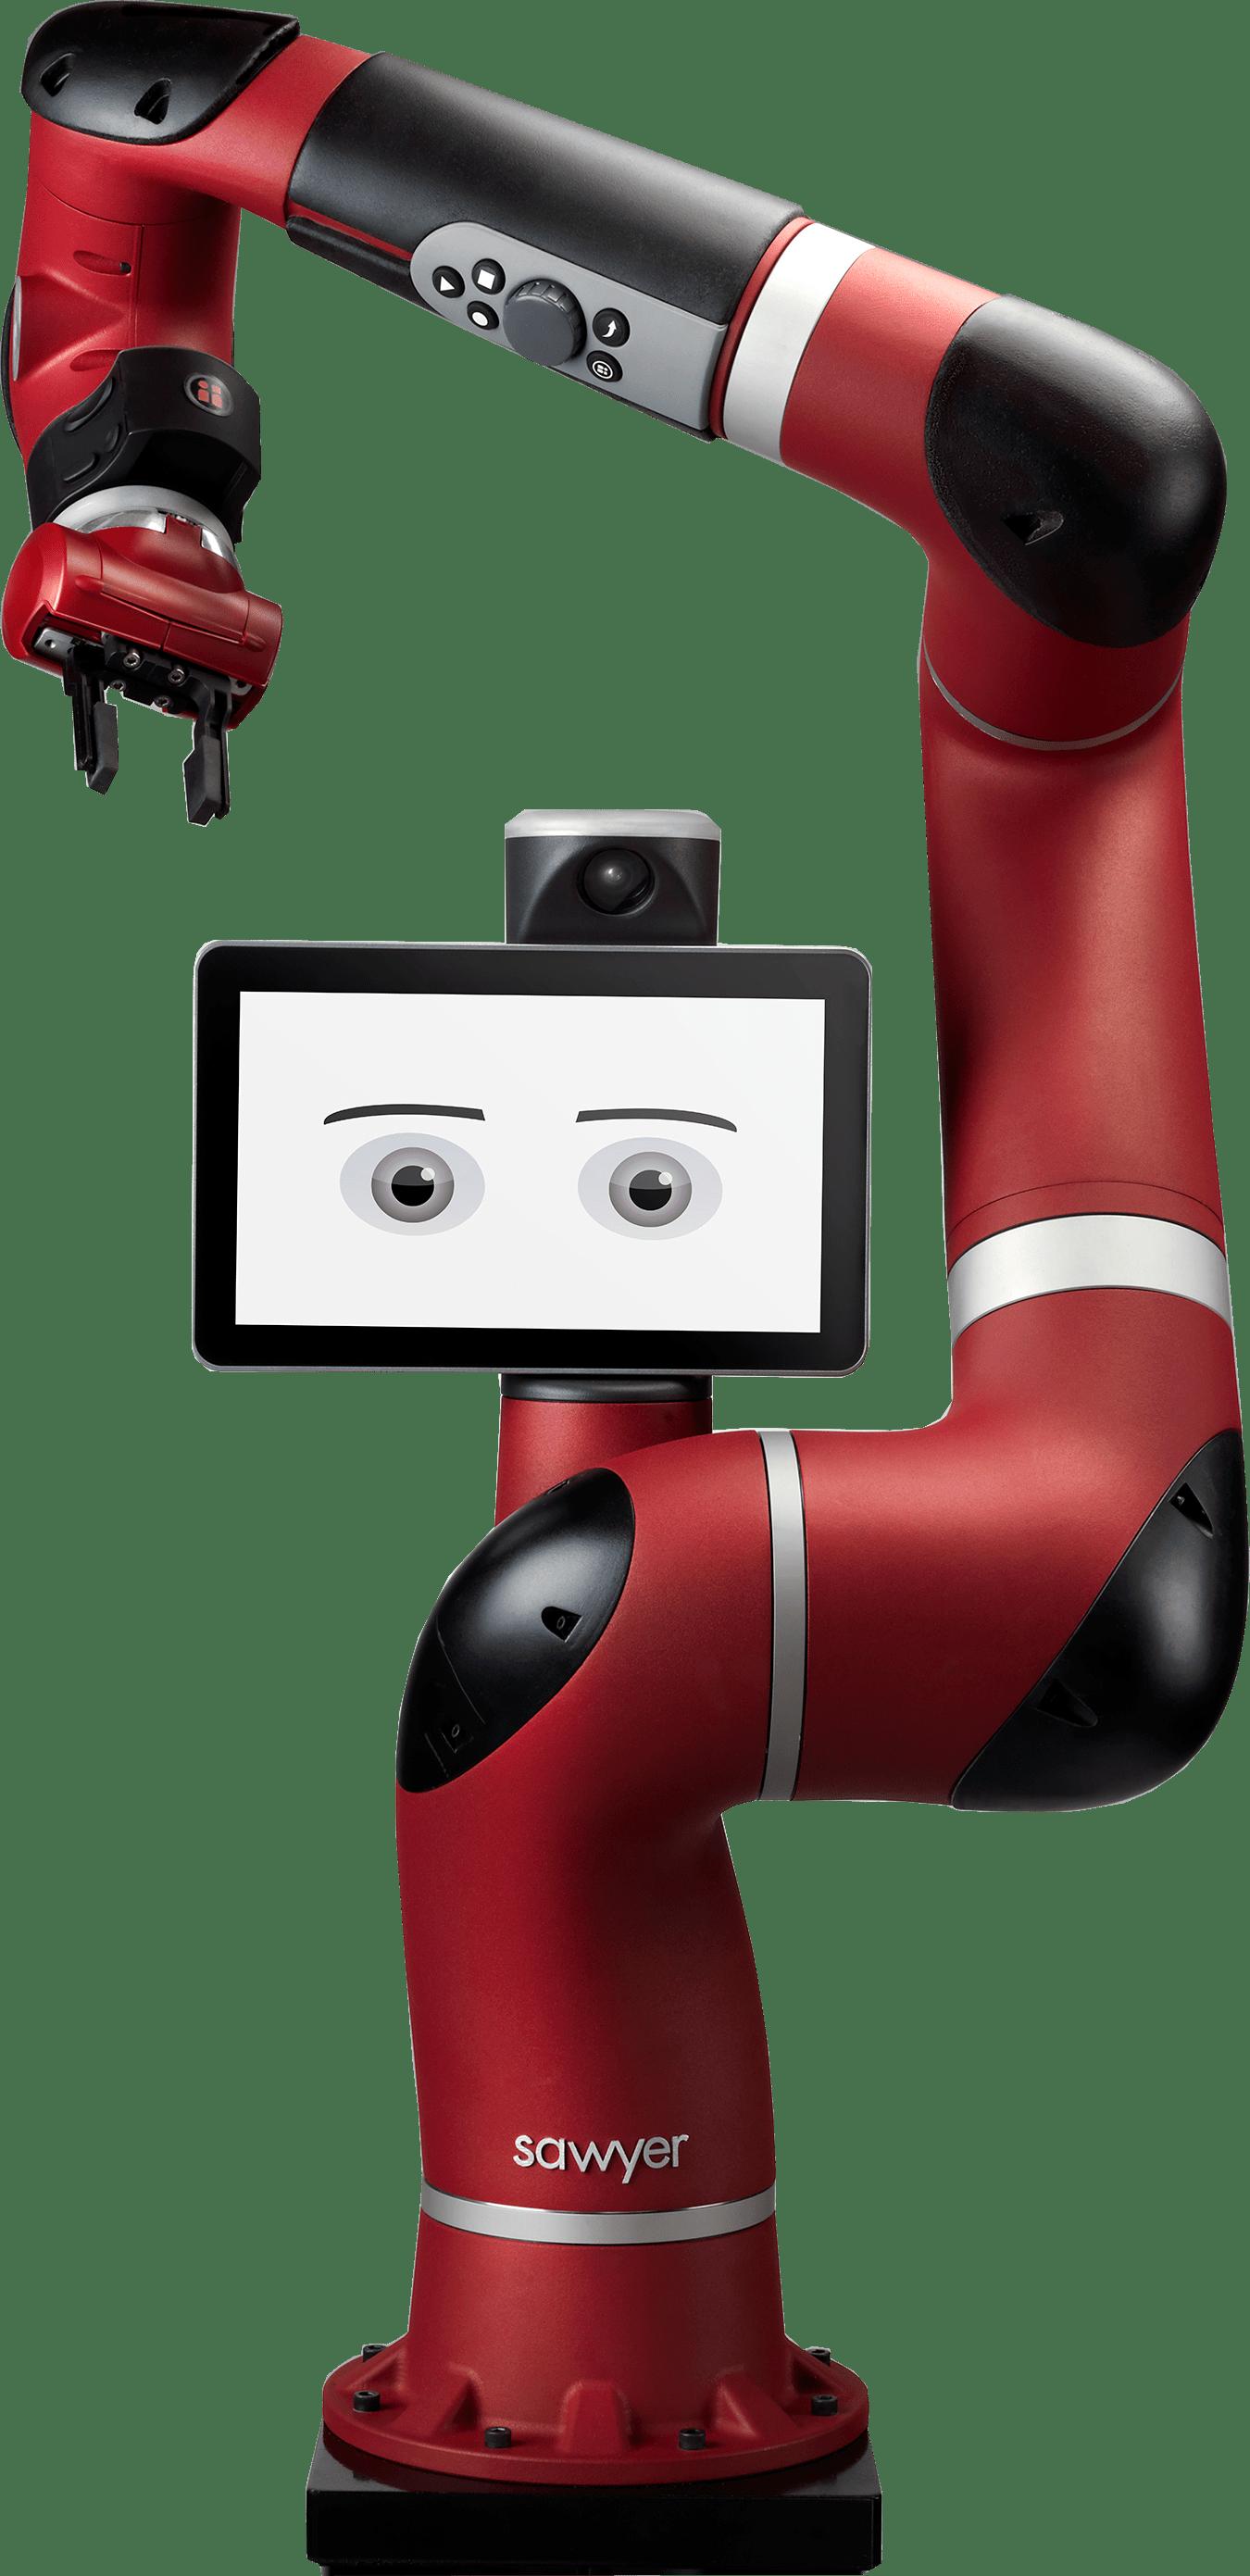 Le cobot Sawyer de Rethink Robotics